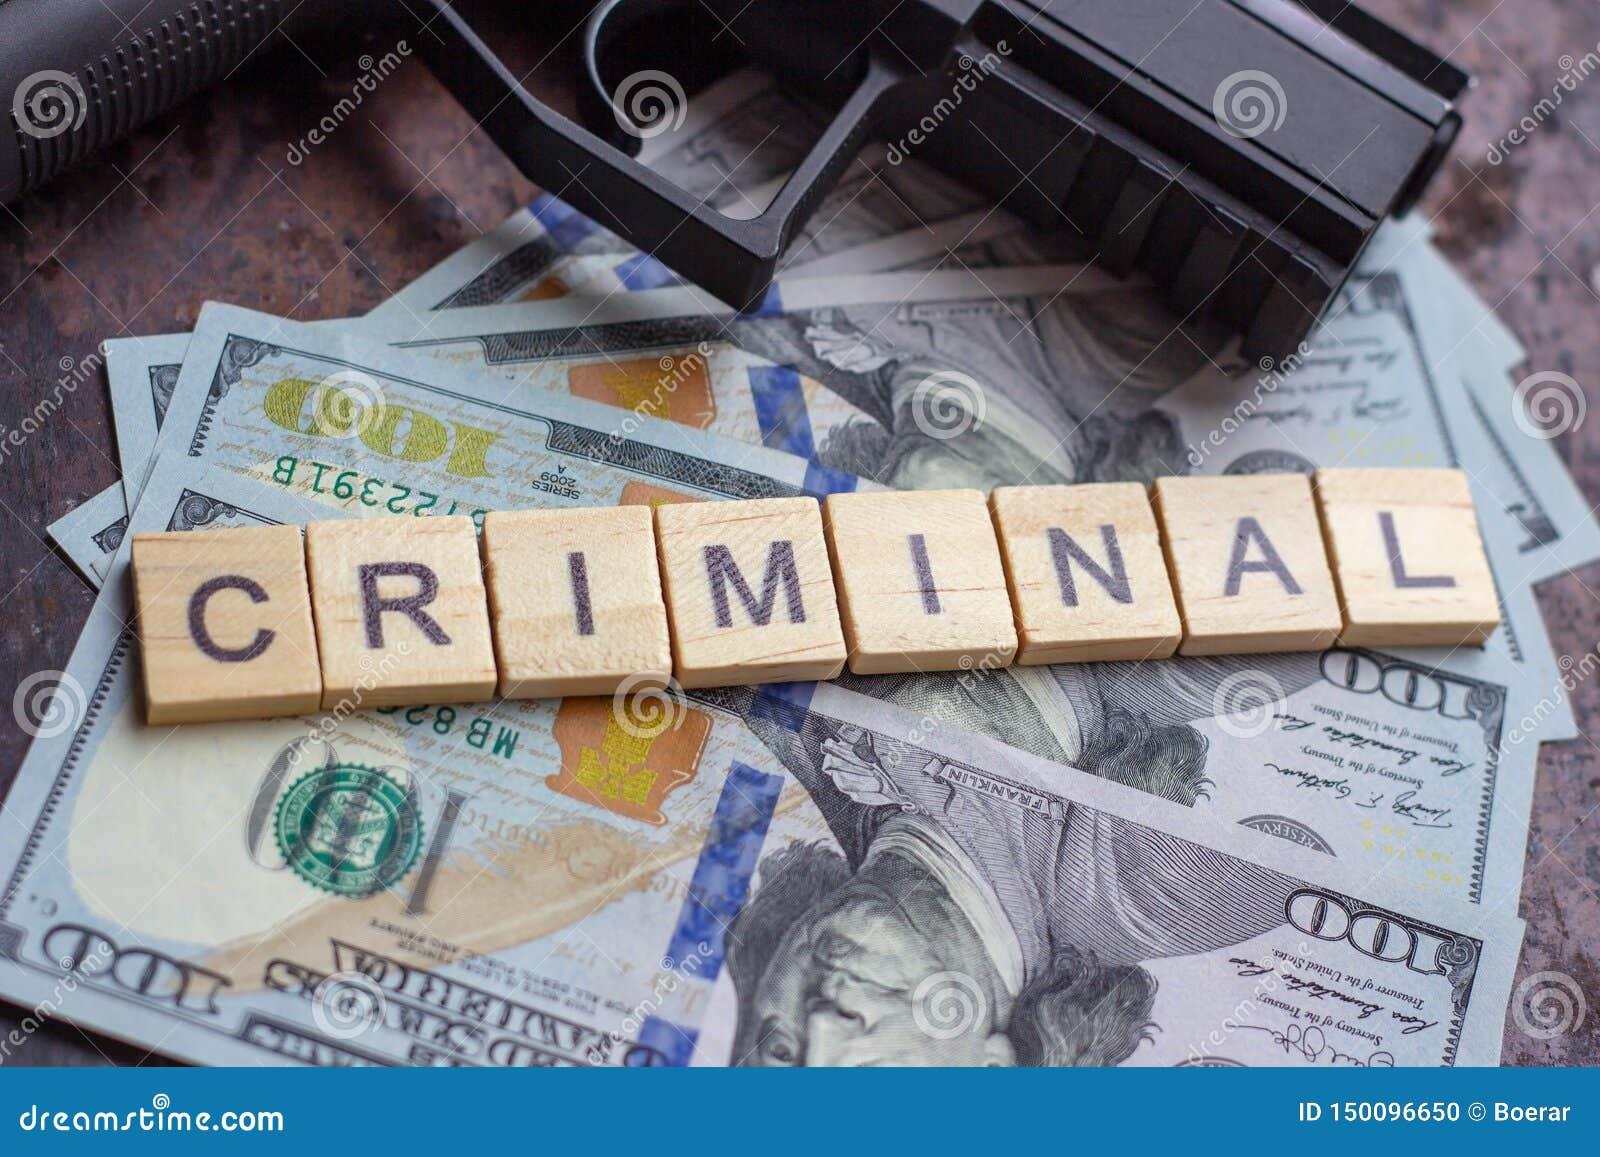 Εγκληματικό σημάδι στο υπόβαθρο αμερικανικών δολαρίων Μαύρη αγορά, δολοφονία συμβάσεων, μαφία και έννοια εγκλήματος